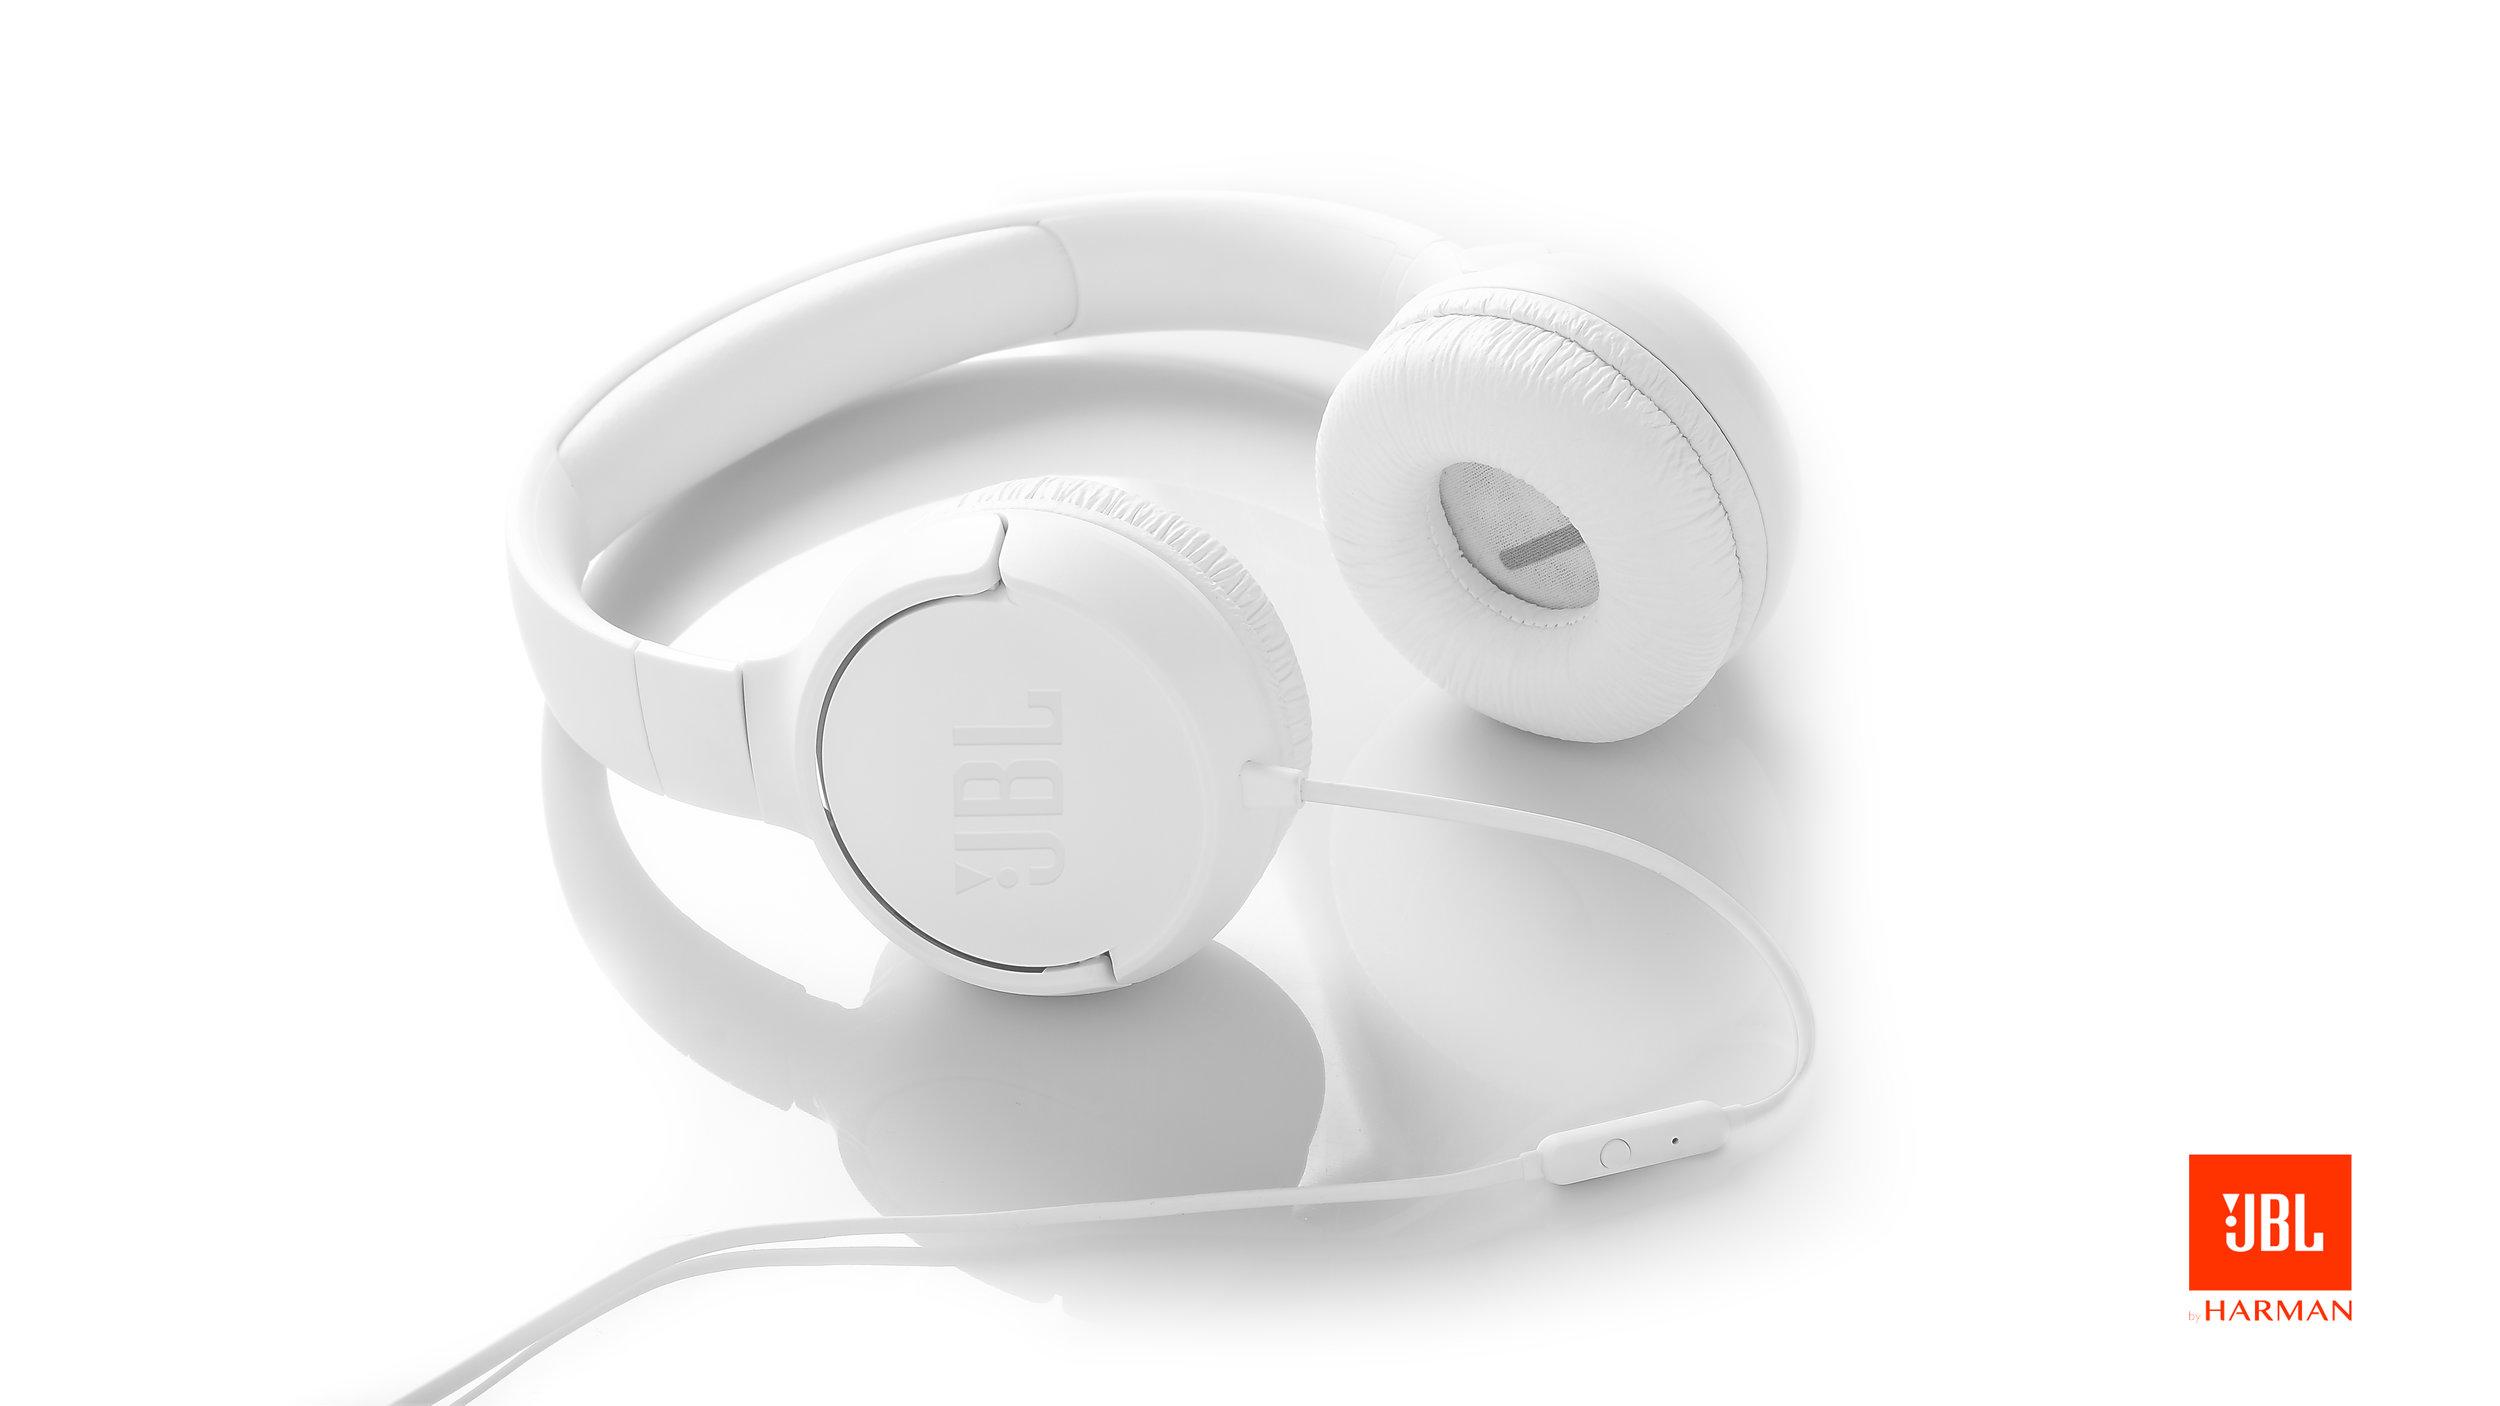 JBL slusalice headphones proizvod.jpg